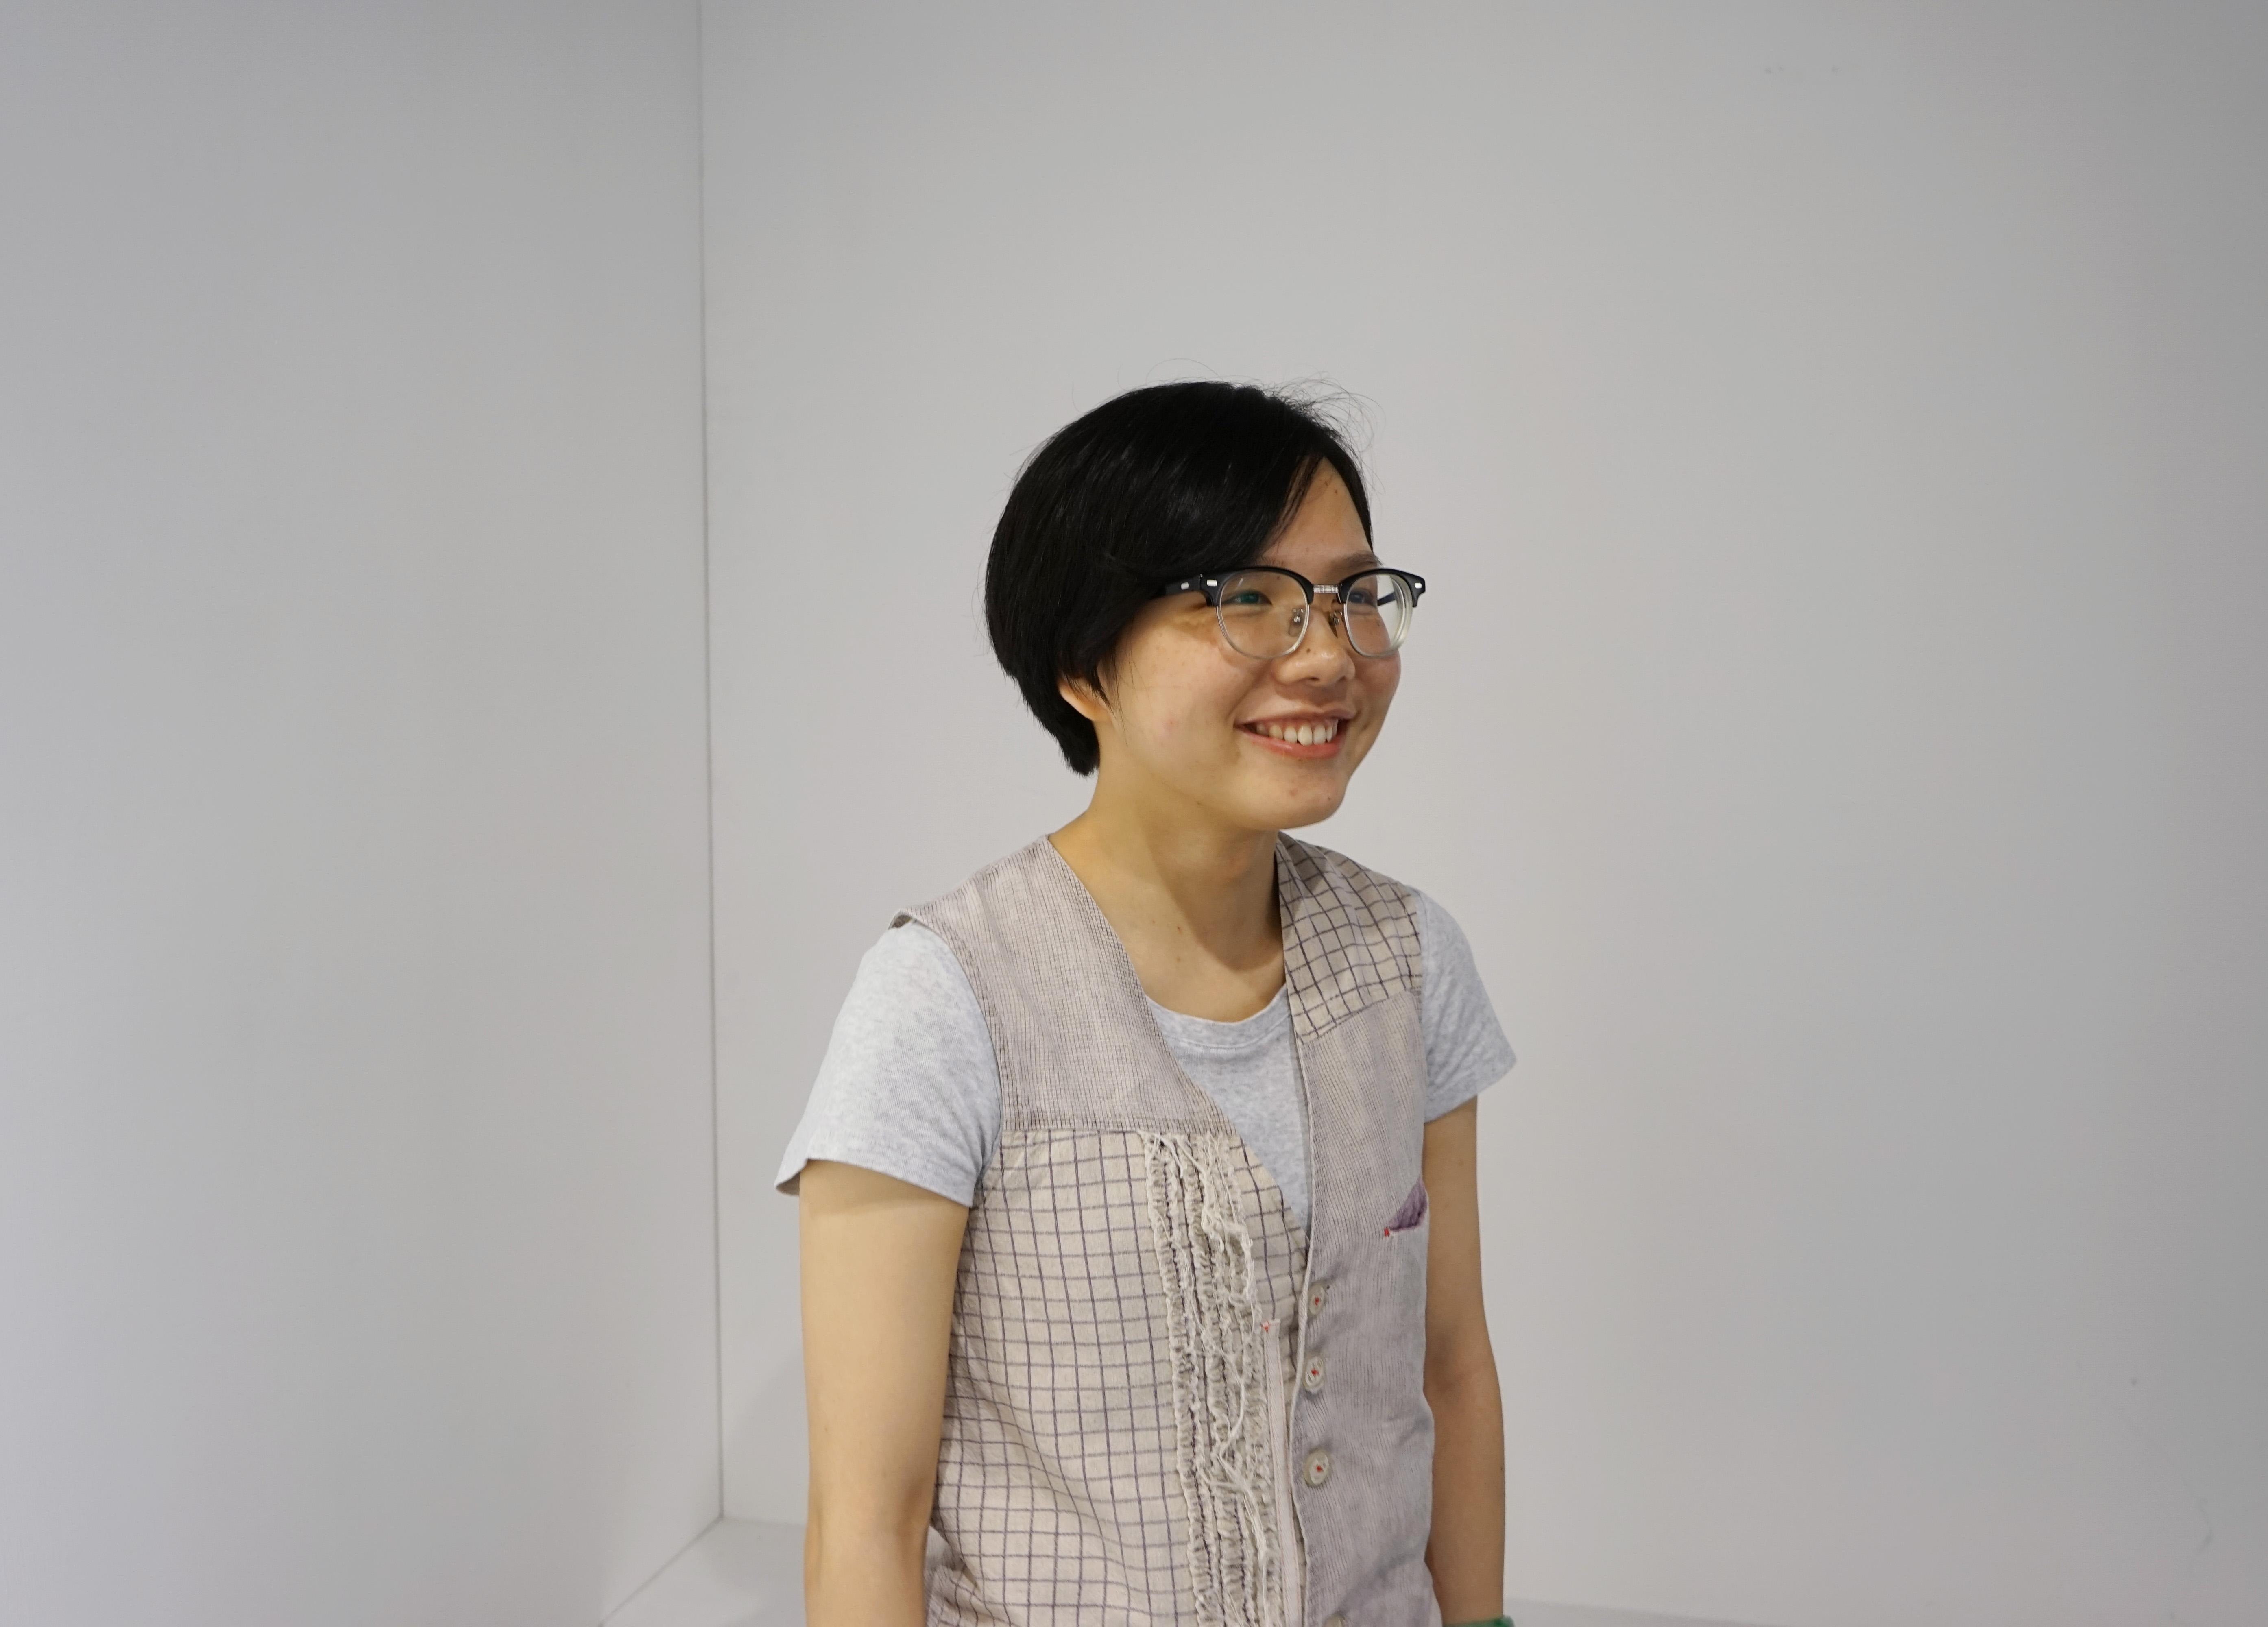 Pang Chek Ying_profile pic